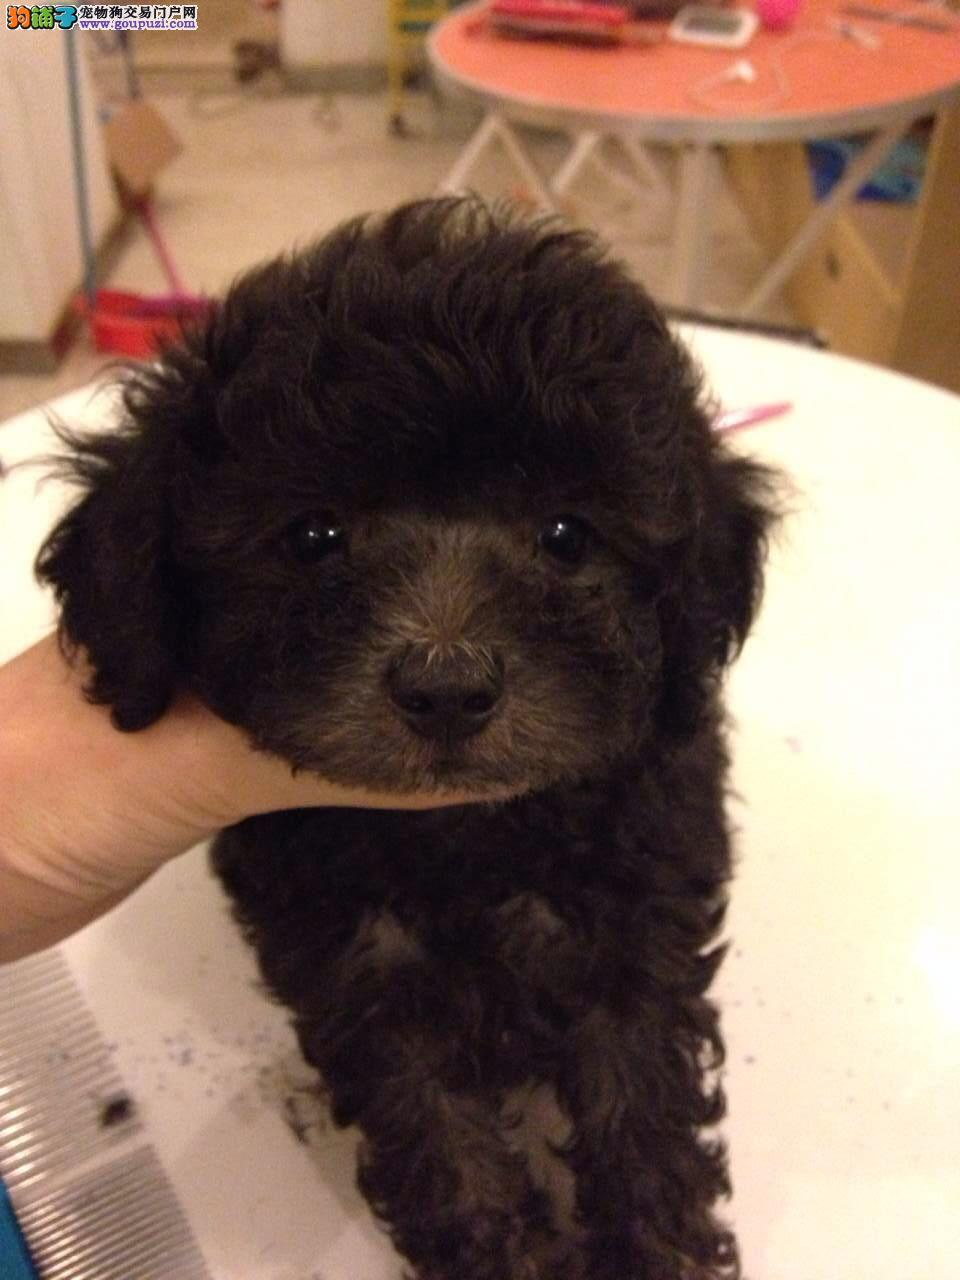 青浦区哪里有正规犬舍买泰迪犬